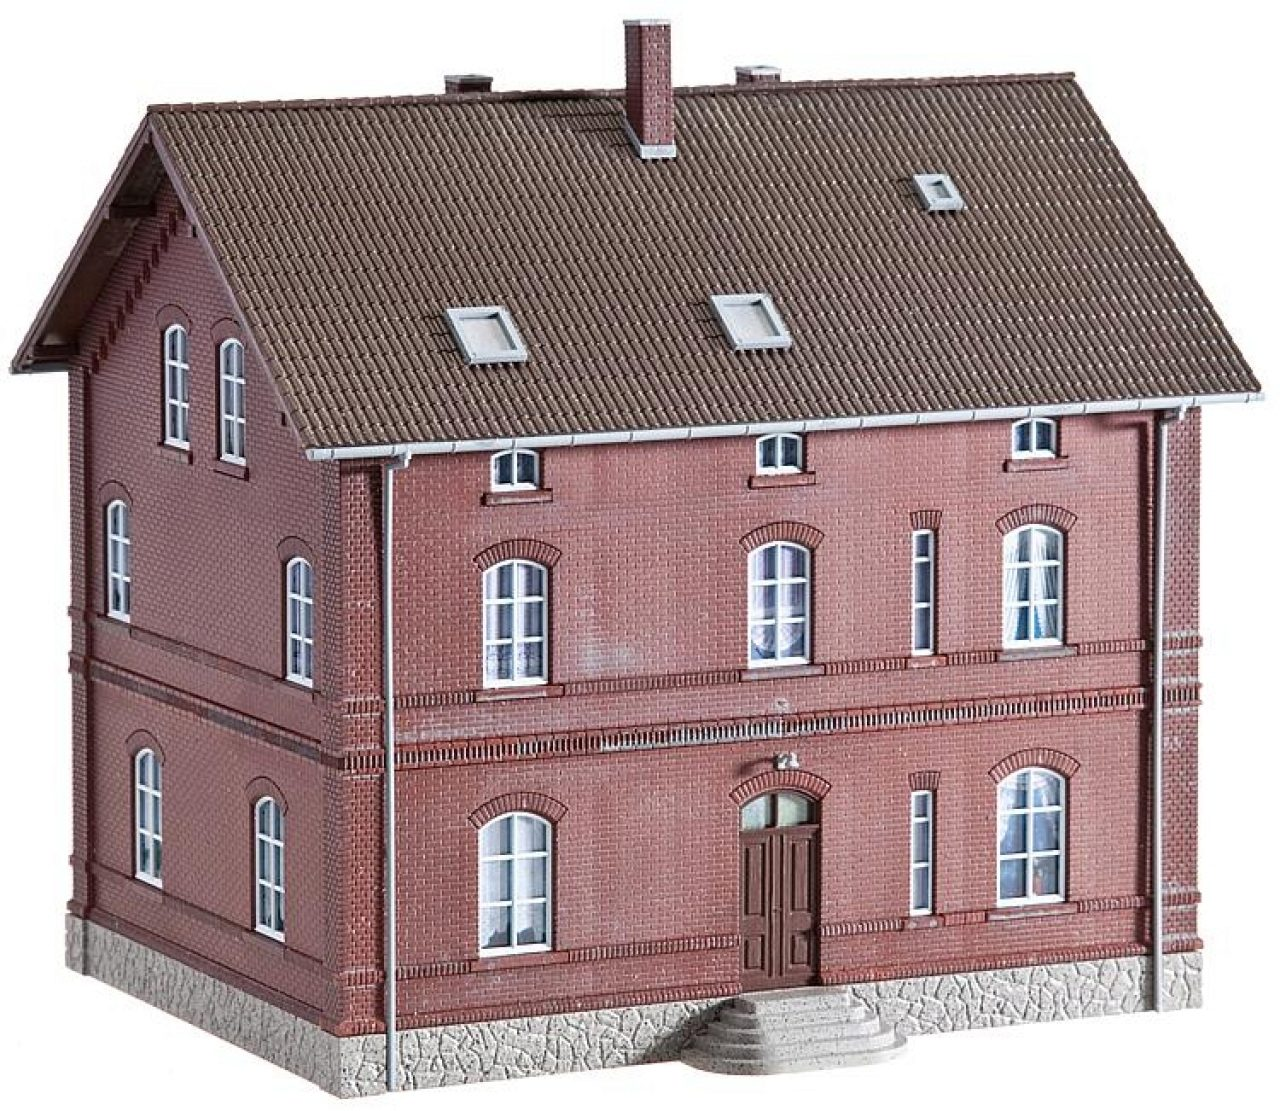 Faller 130461 H0 Arbeiter Wohnhaus Mit Hinterhofzubehor Ep